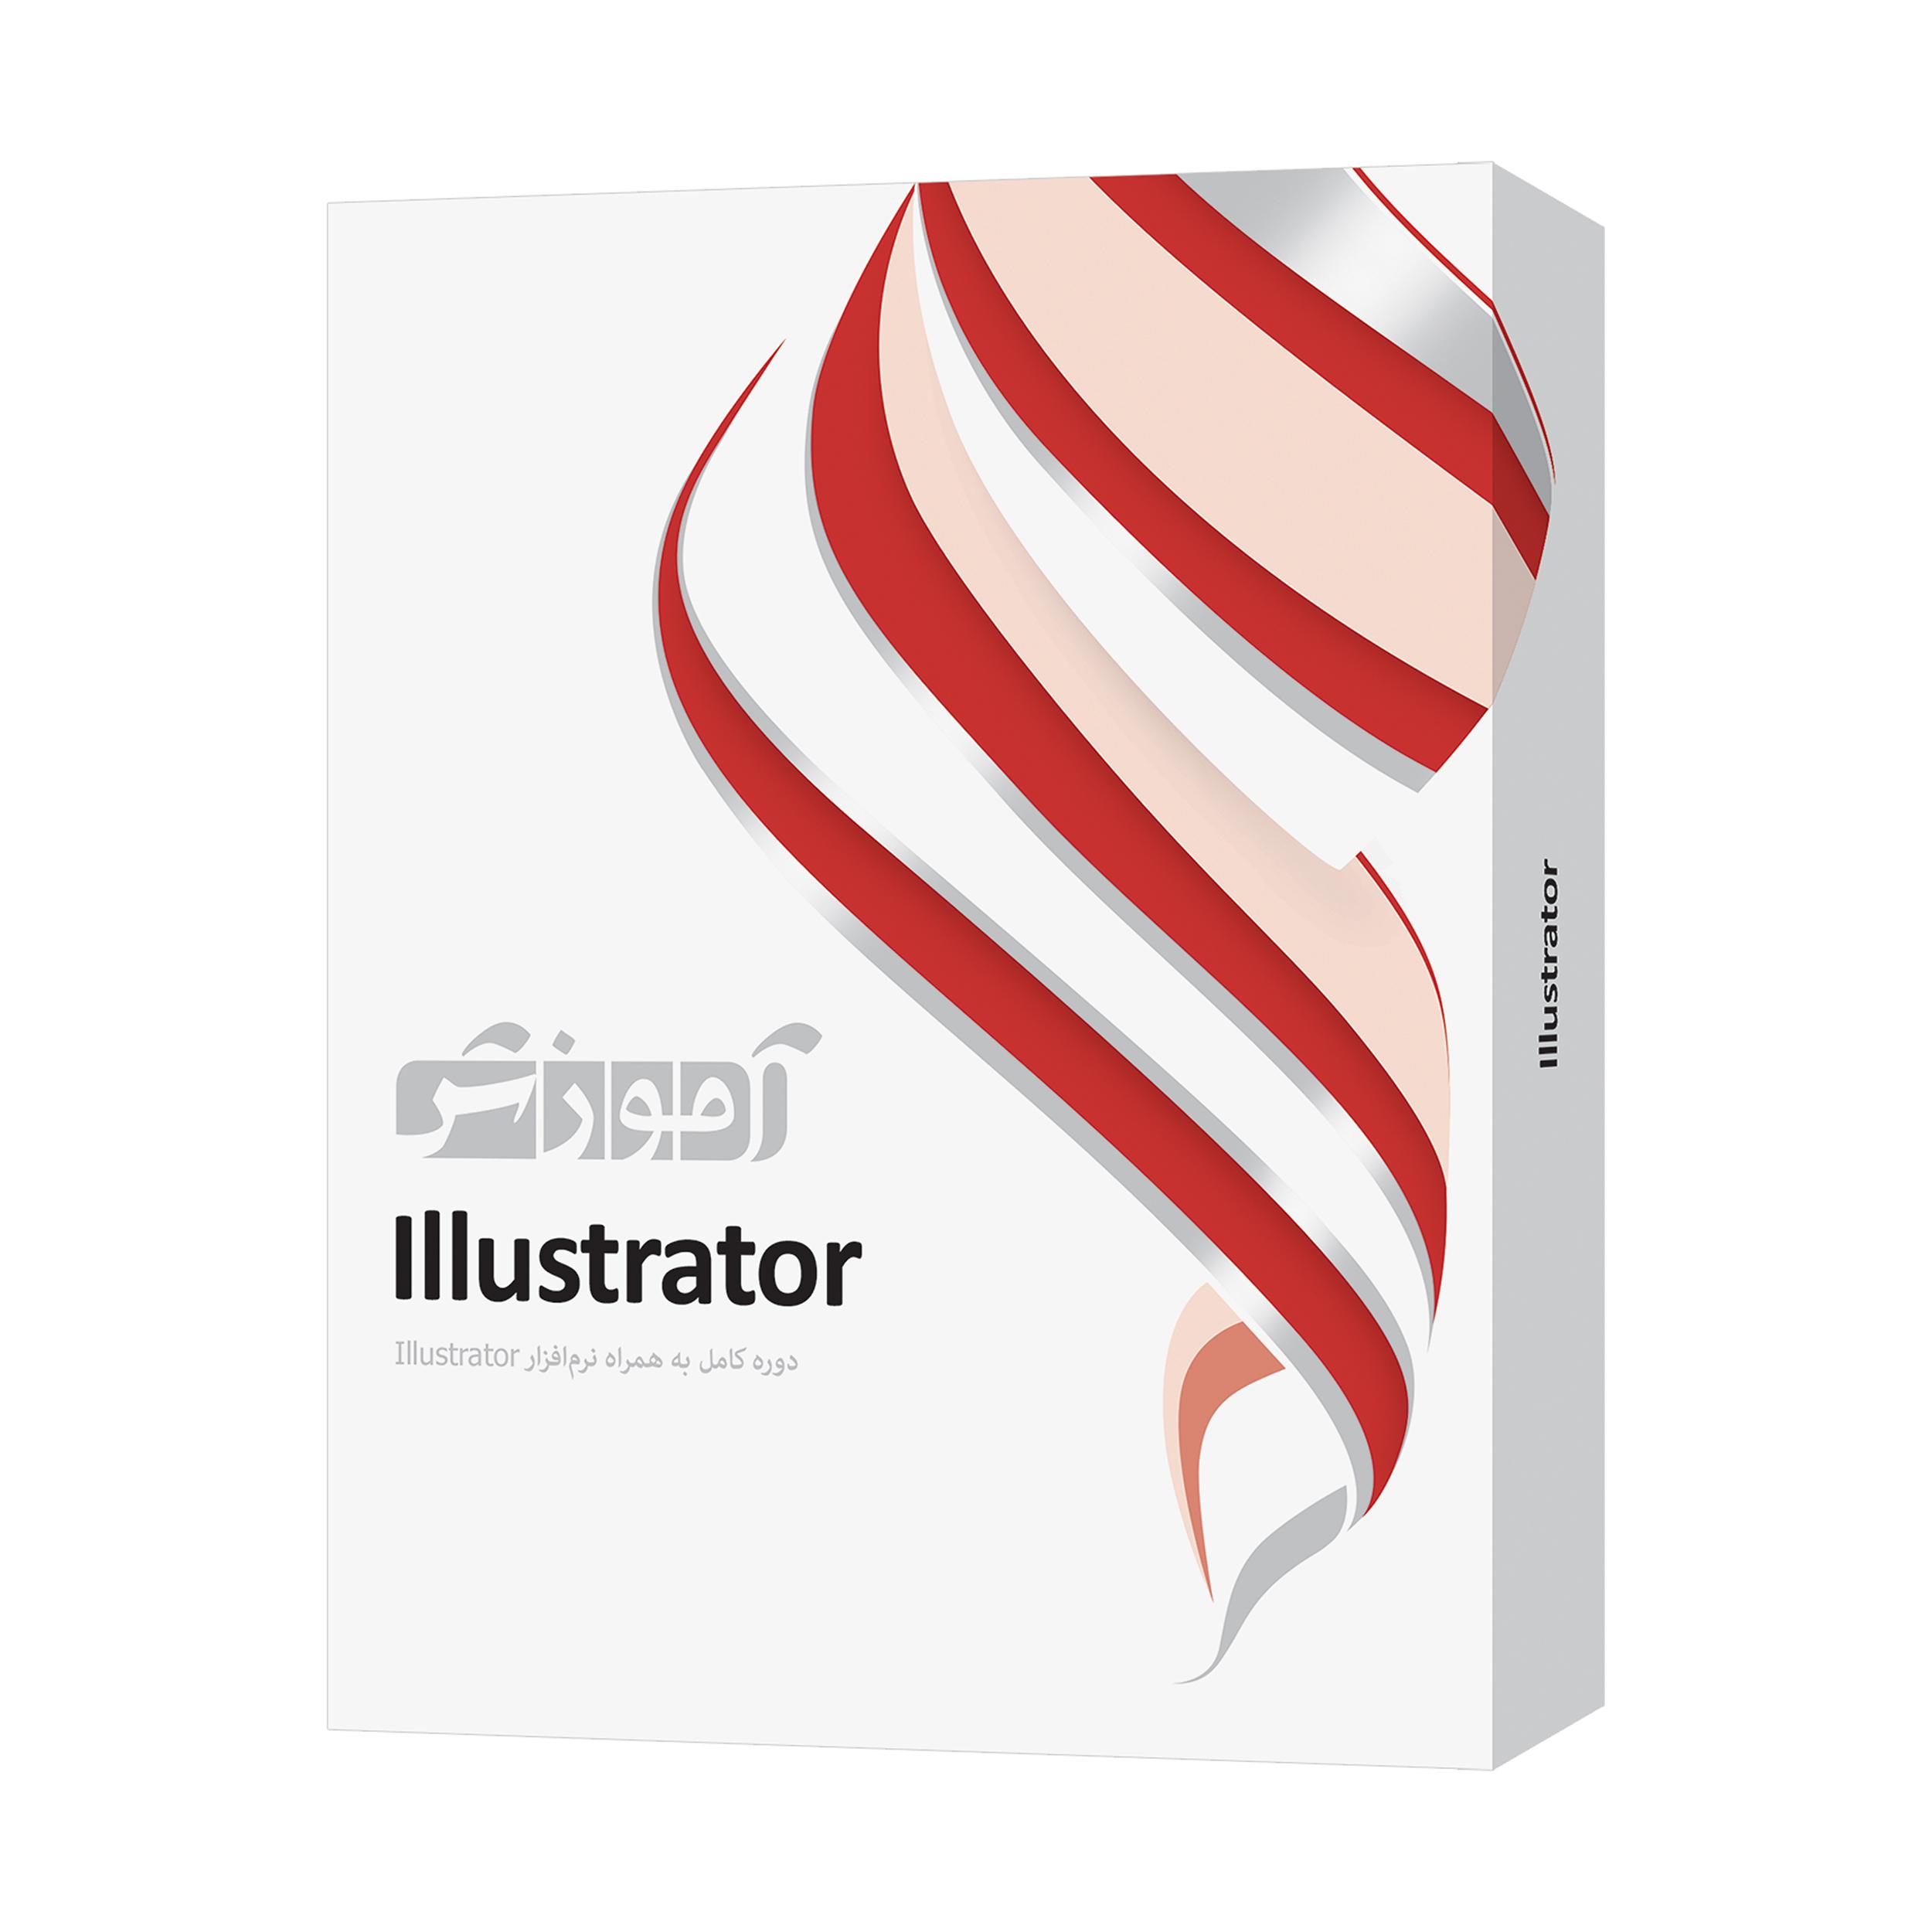 نرم افزار آموزش Illustrator 2020 شرکت پرند